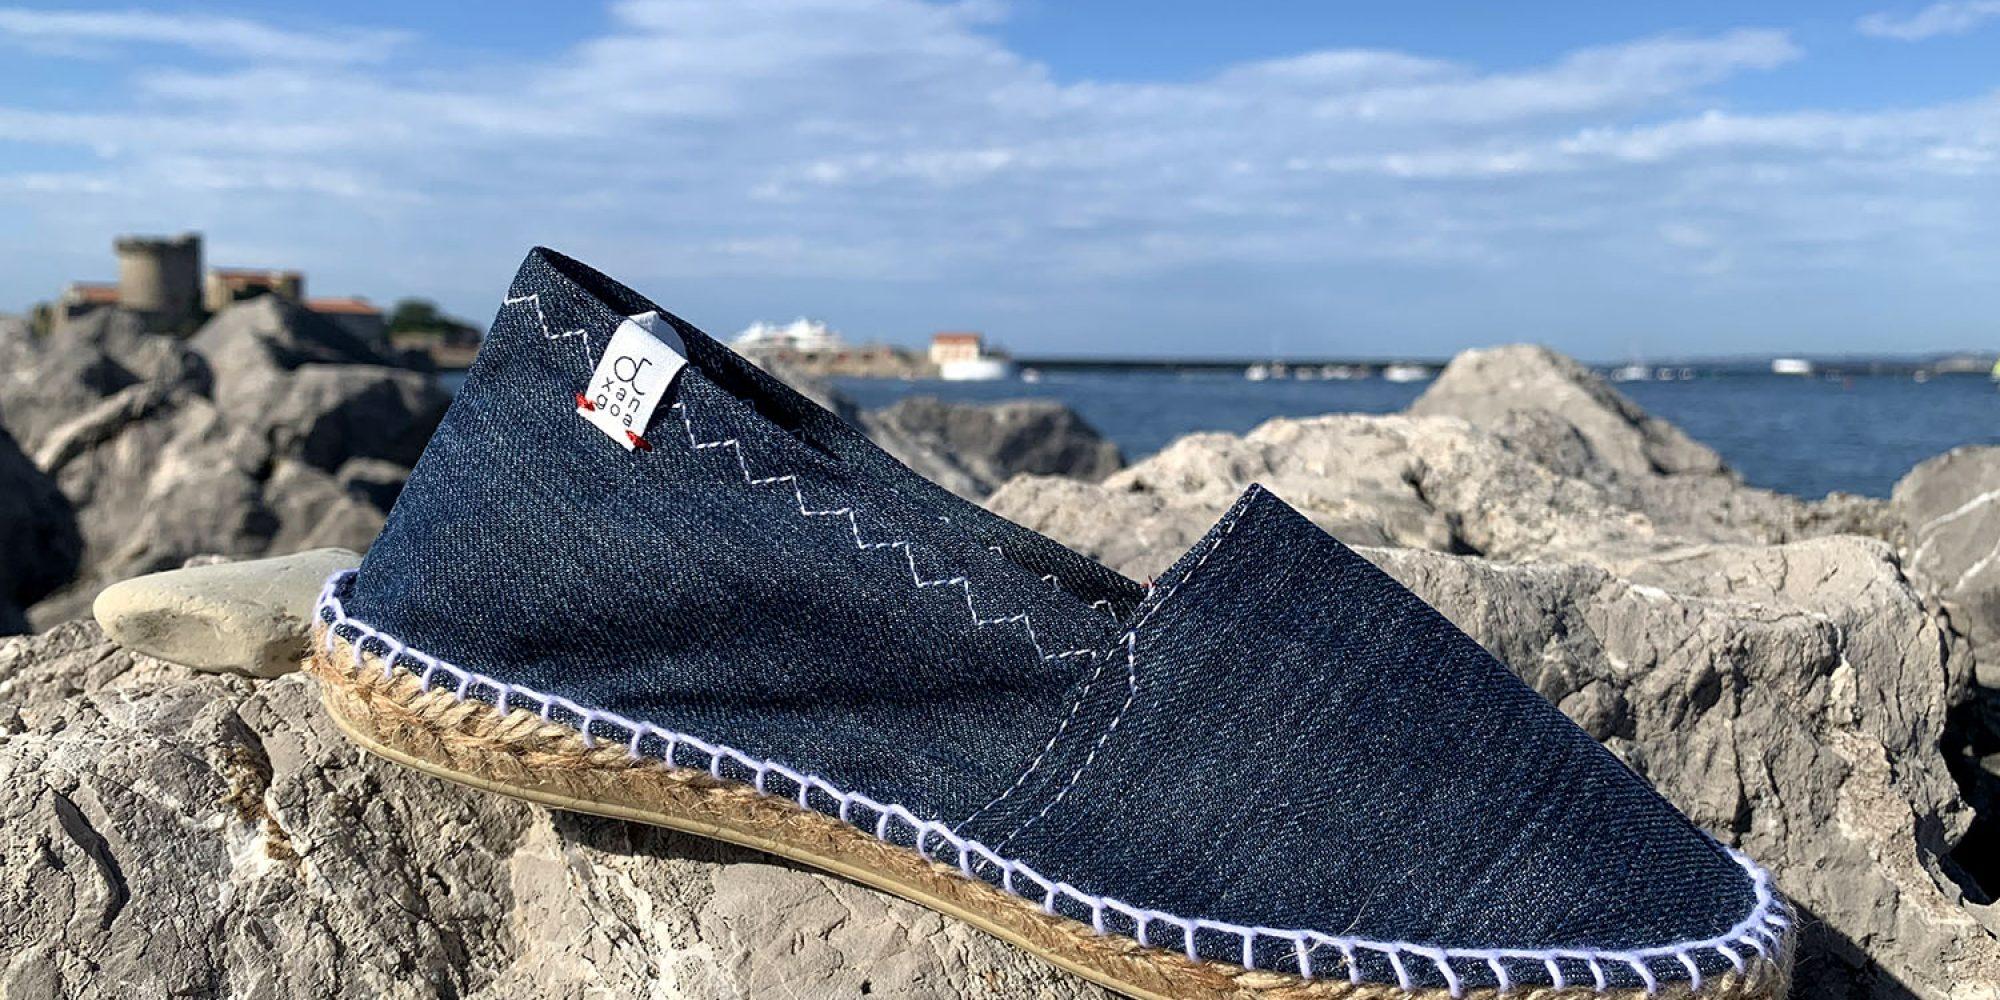 Nos espadrilles Otxangoa éco-conçues et Made in France. Ici, en teinte Jean moyen.